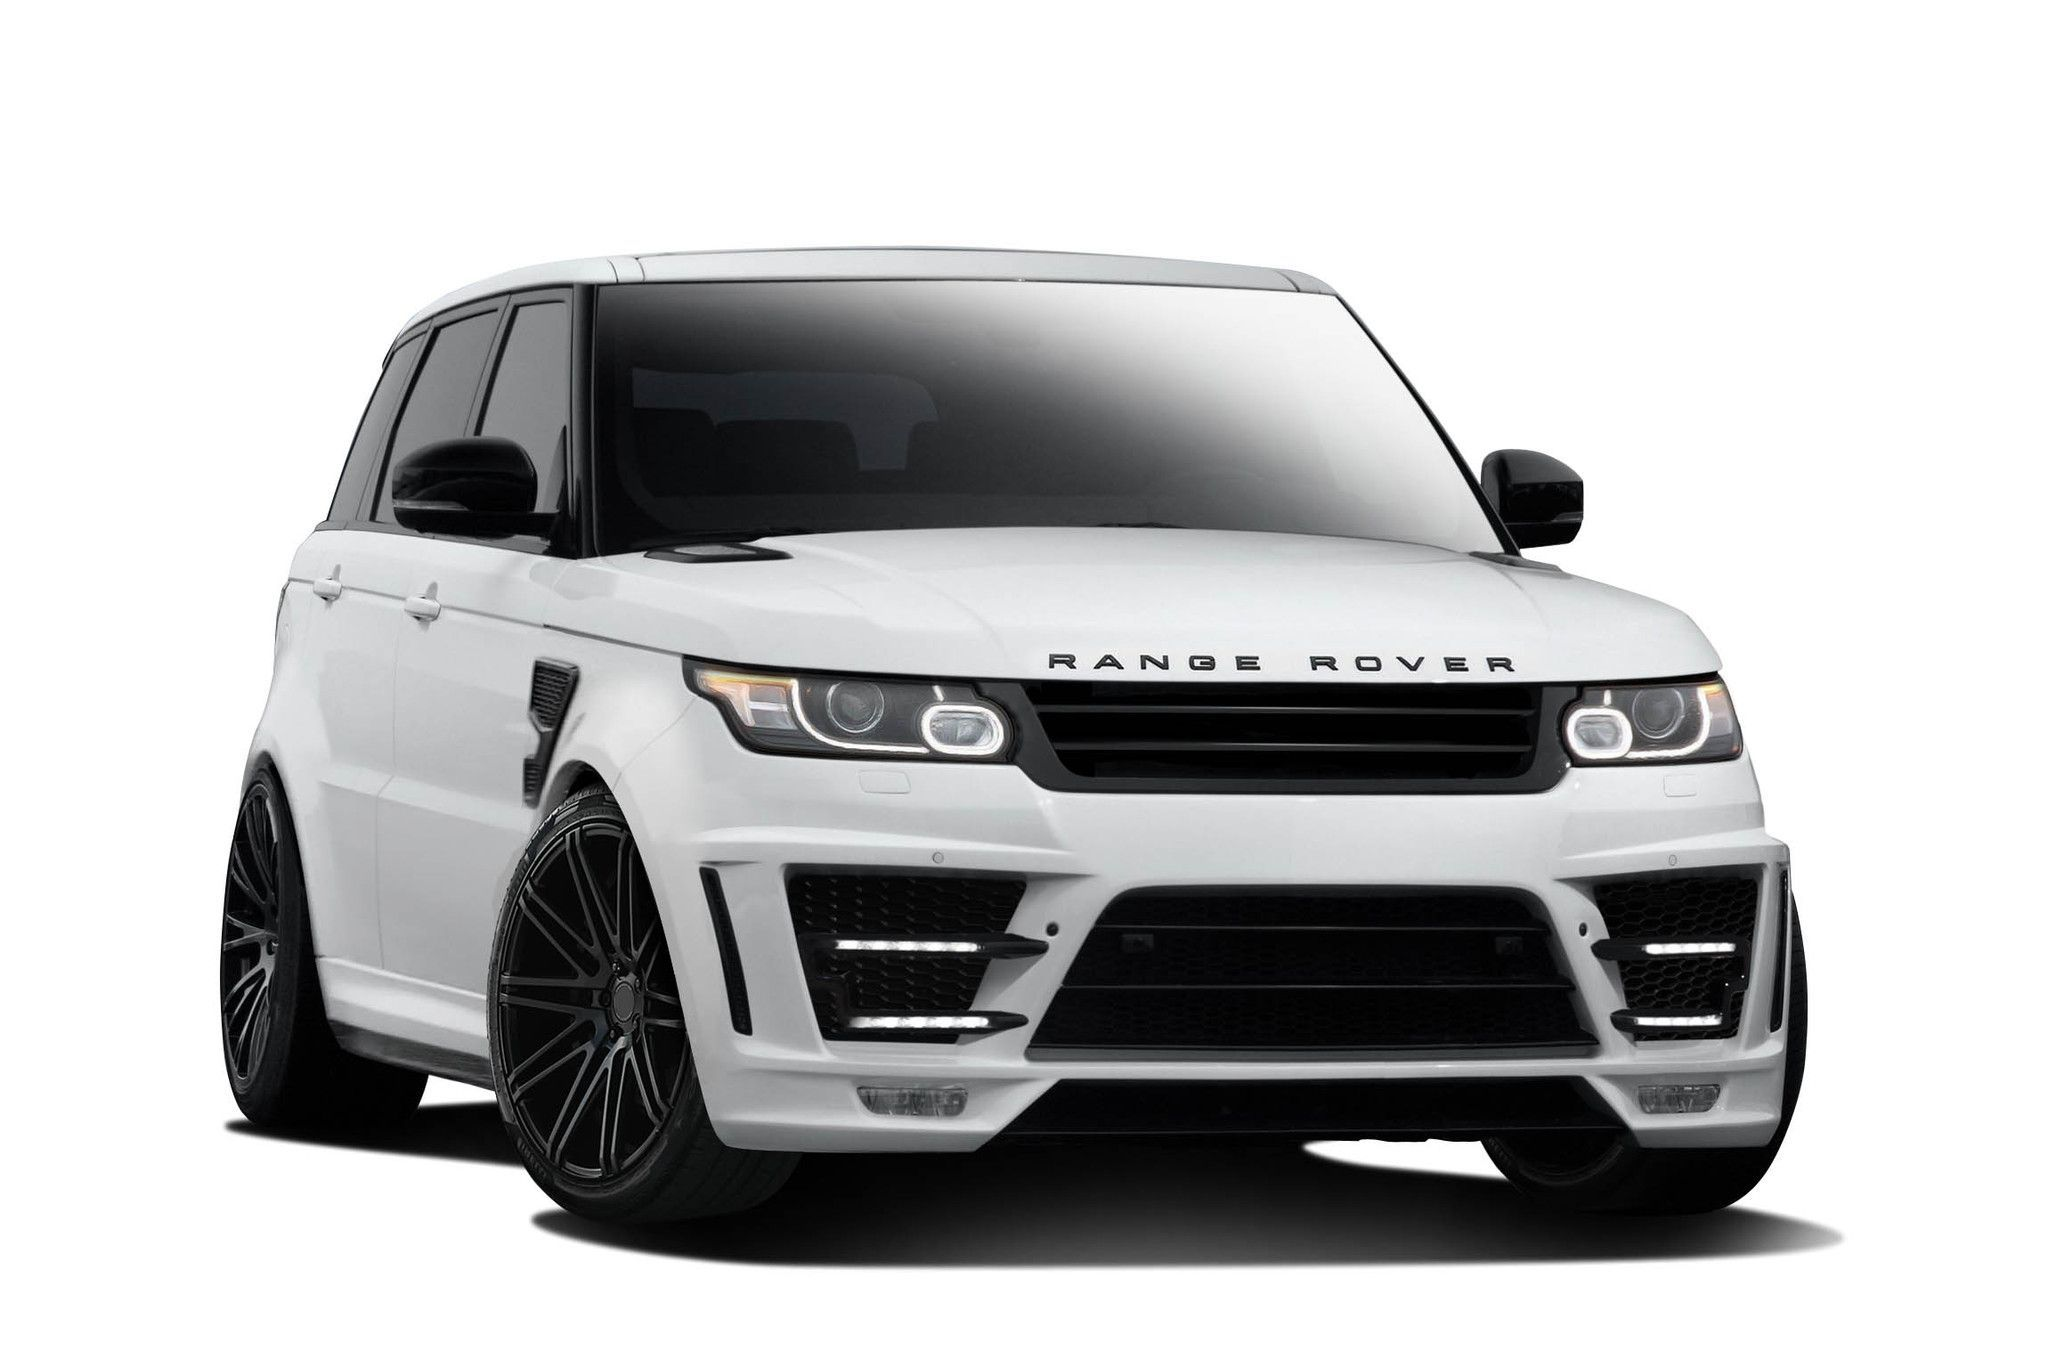 2014 2015 Land Rover Range Rover Sport Af 1 Body Kit 10 Piece Range Rover Sport Land Rover Range Rover